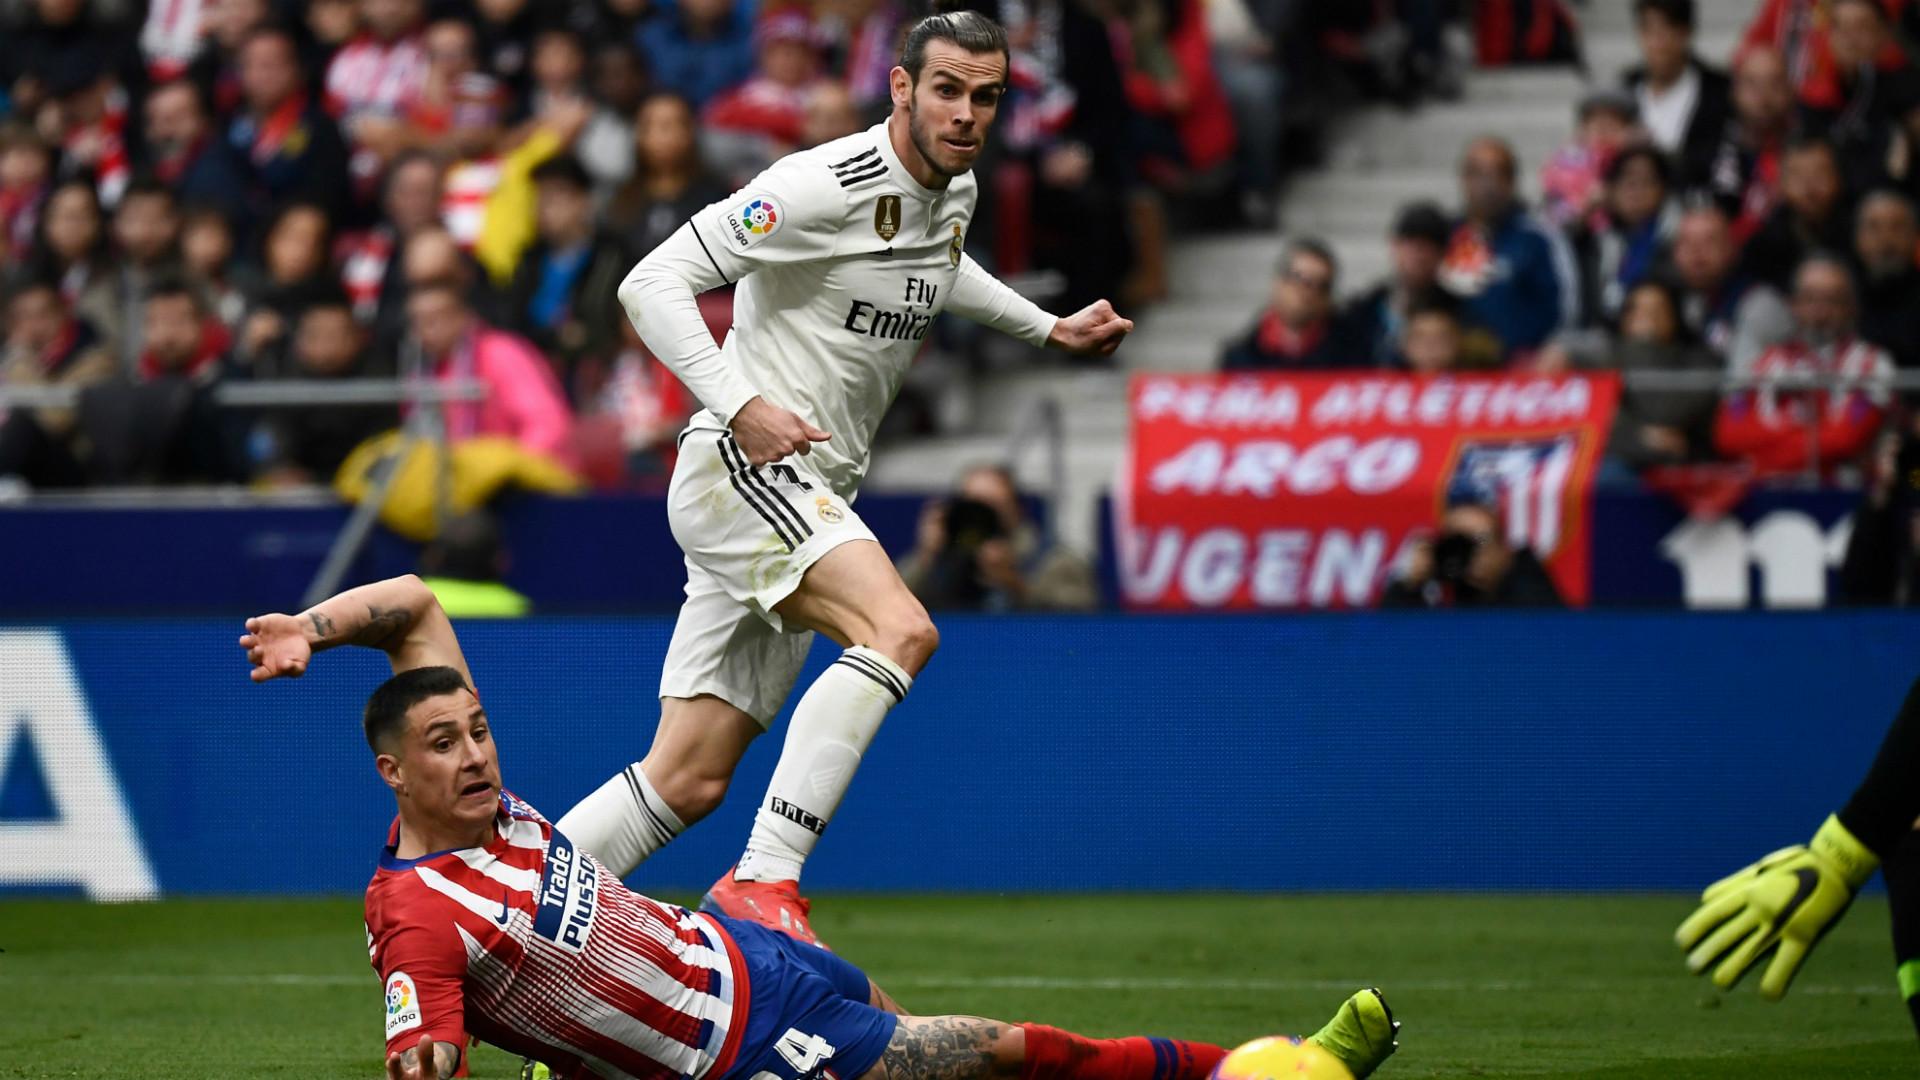 بيل أتلتيكو مدريد ريال مدريد ديربي مدريد